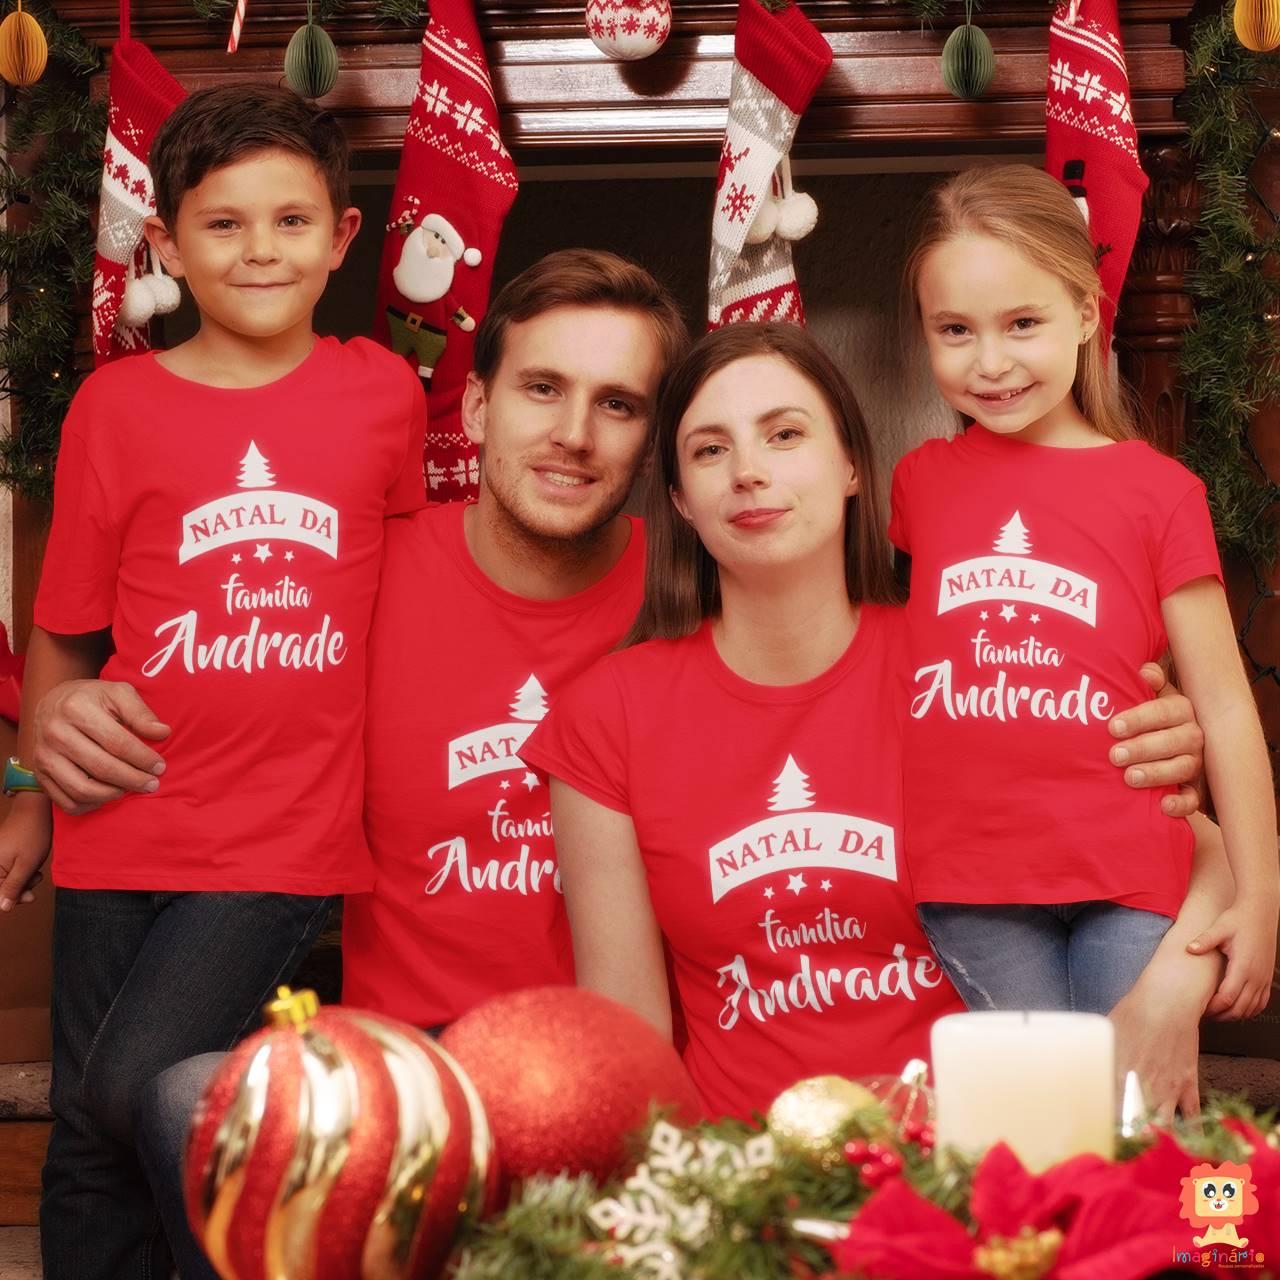 Kit Camisetas de Natal para Família Personalizada com Sobrenome